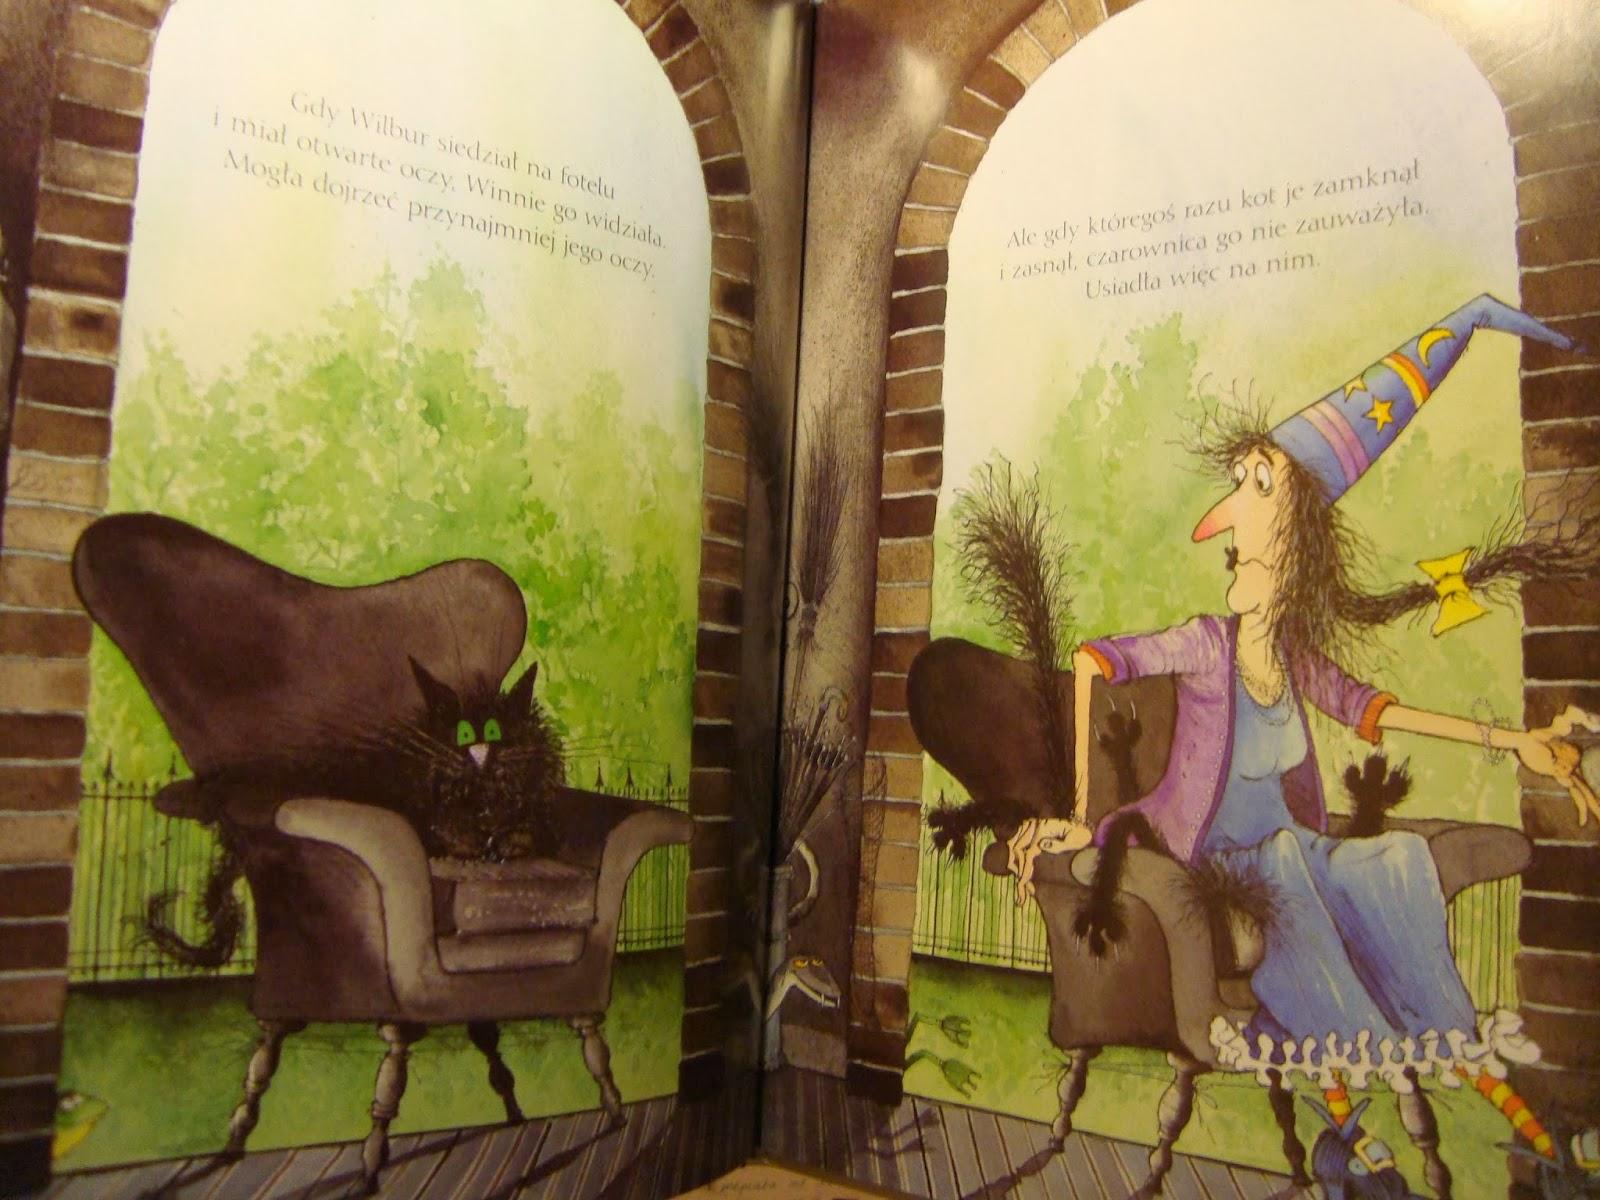 recenzja, książka dla dzieci, valerie thomas, korky paul